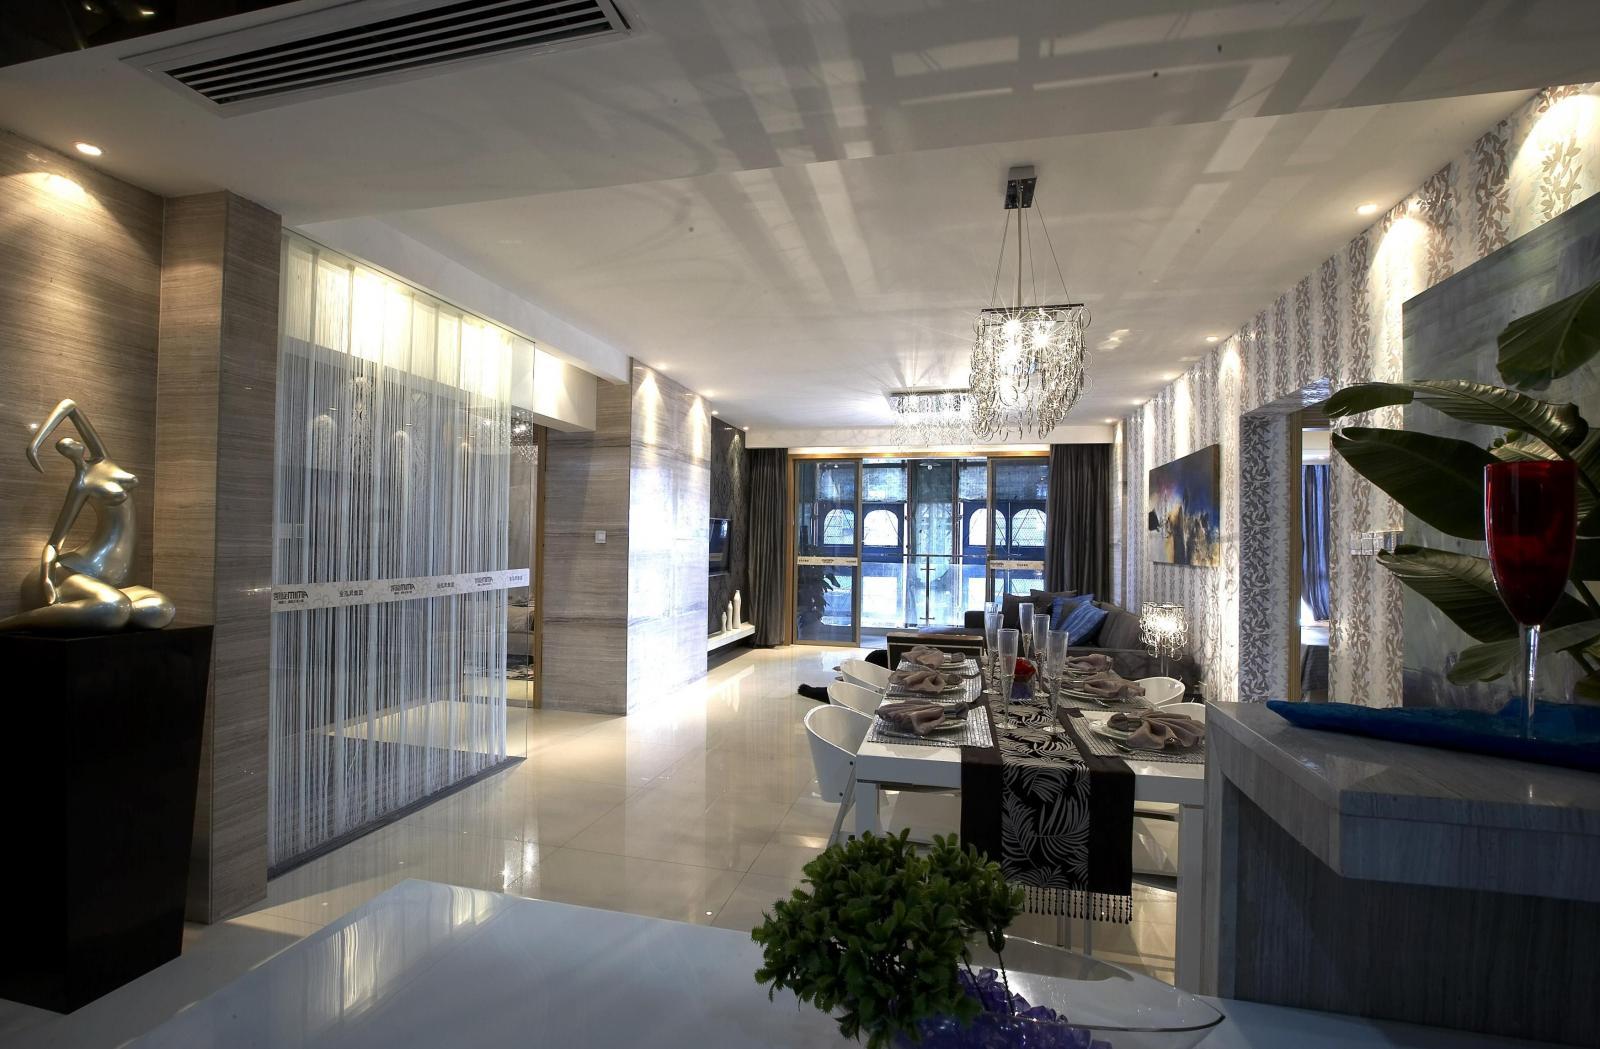 三室一厅地中海风格餐厅厨具